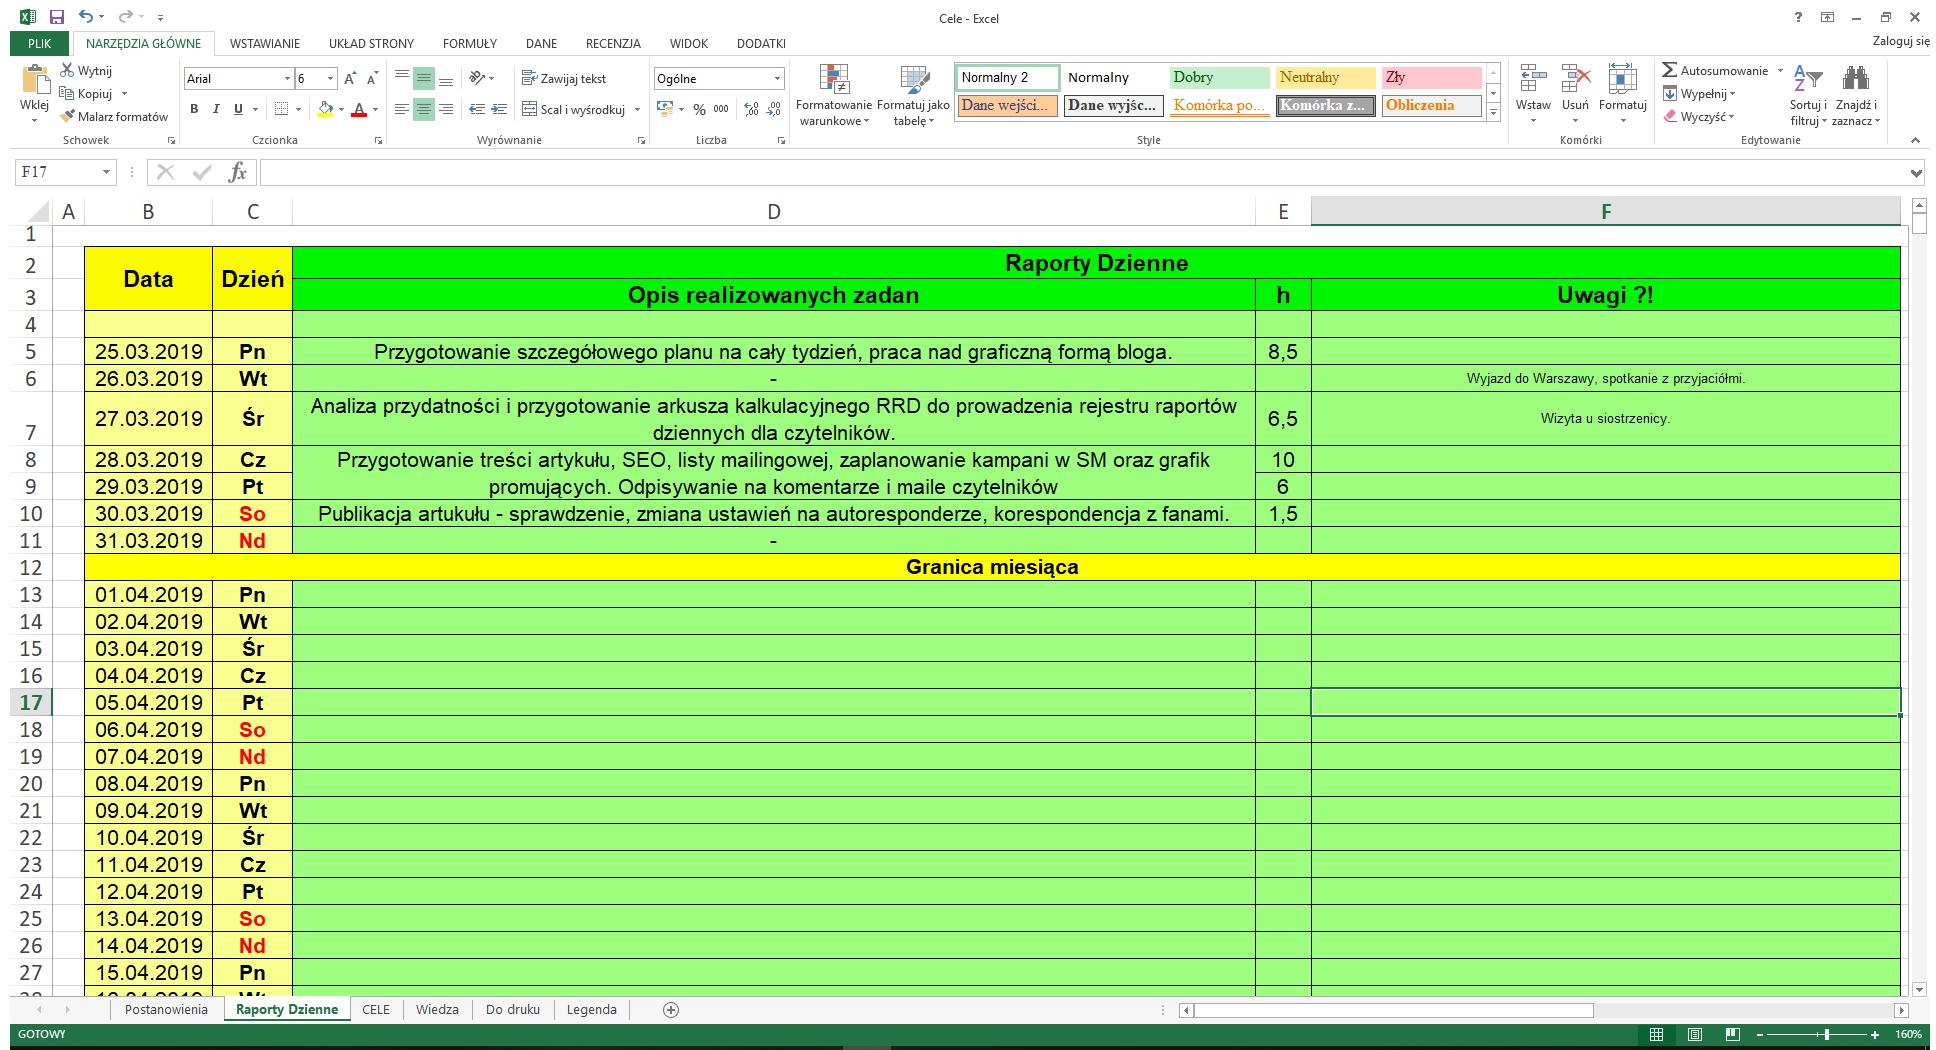 pierwsza praca - raport, raporty dzienne w pracy